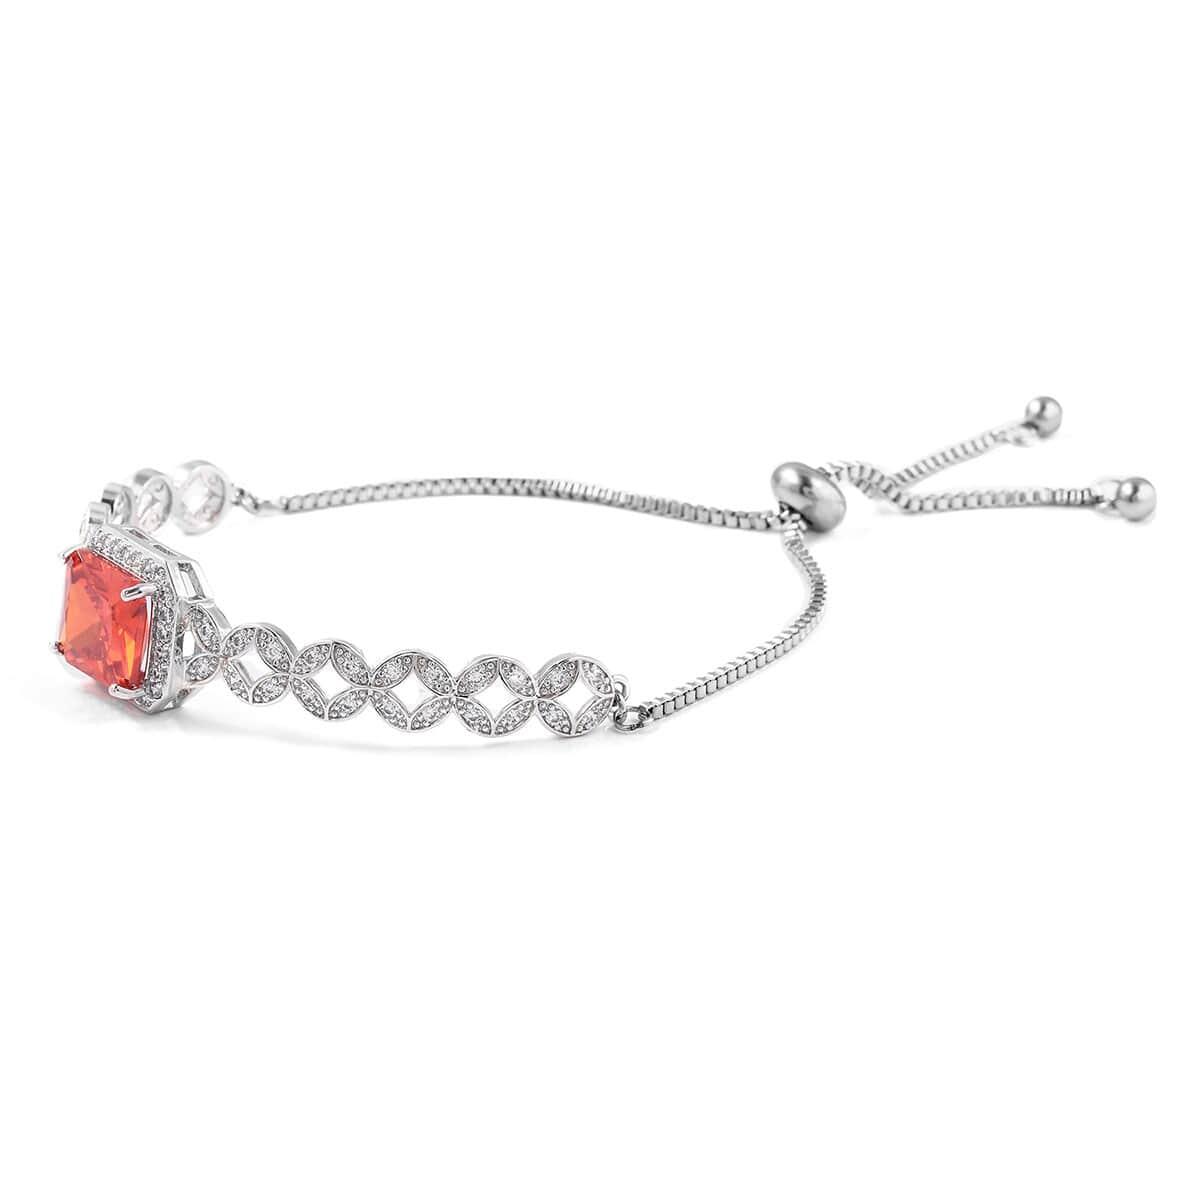 12-Color-Options-Cubic-Zirconia-Bracelet-Chain-Pendant-Necklace-Set-Adjustable thumbnail 55